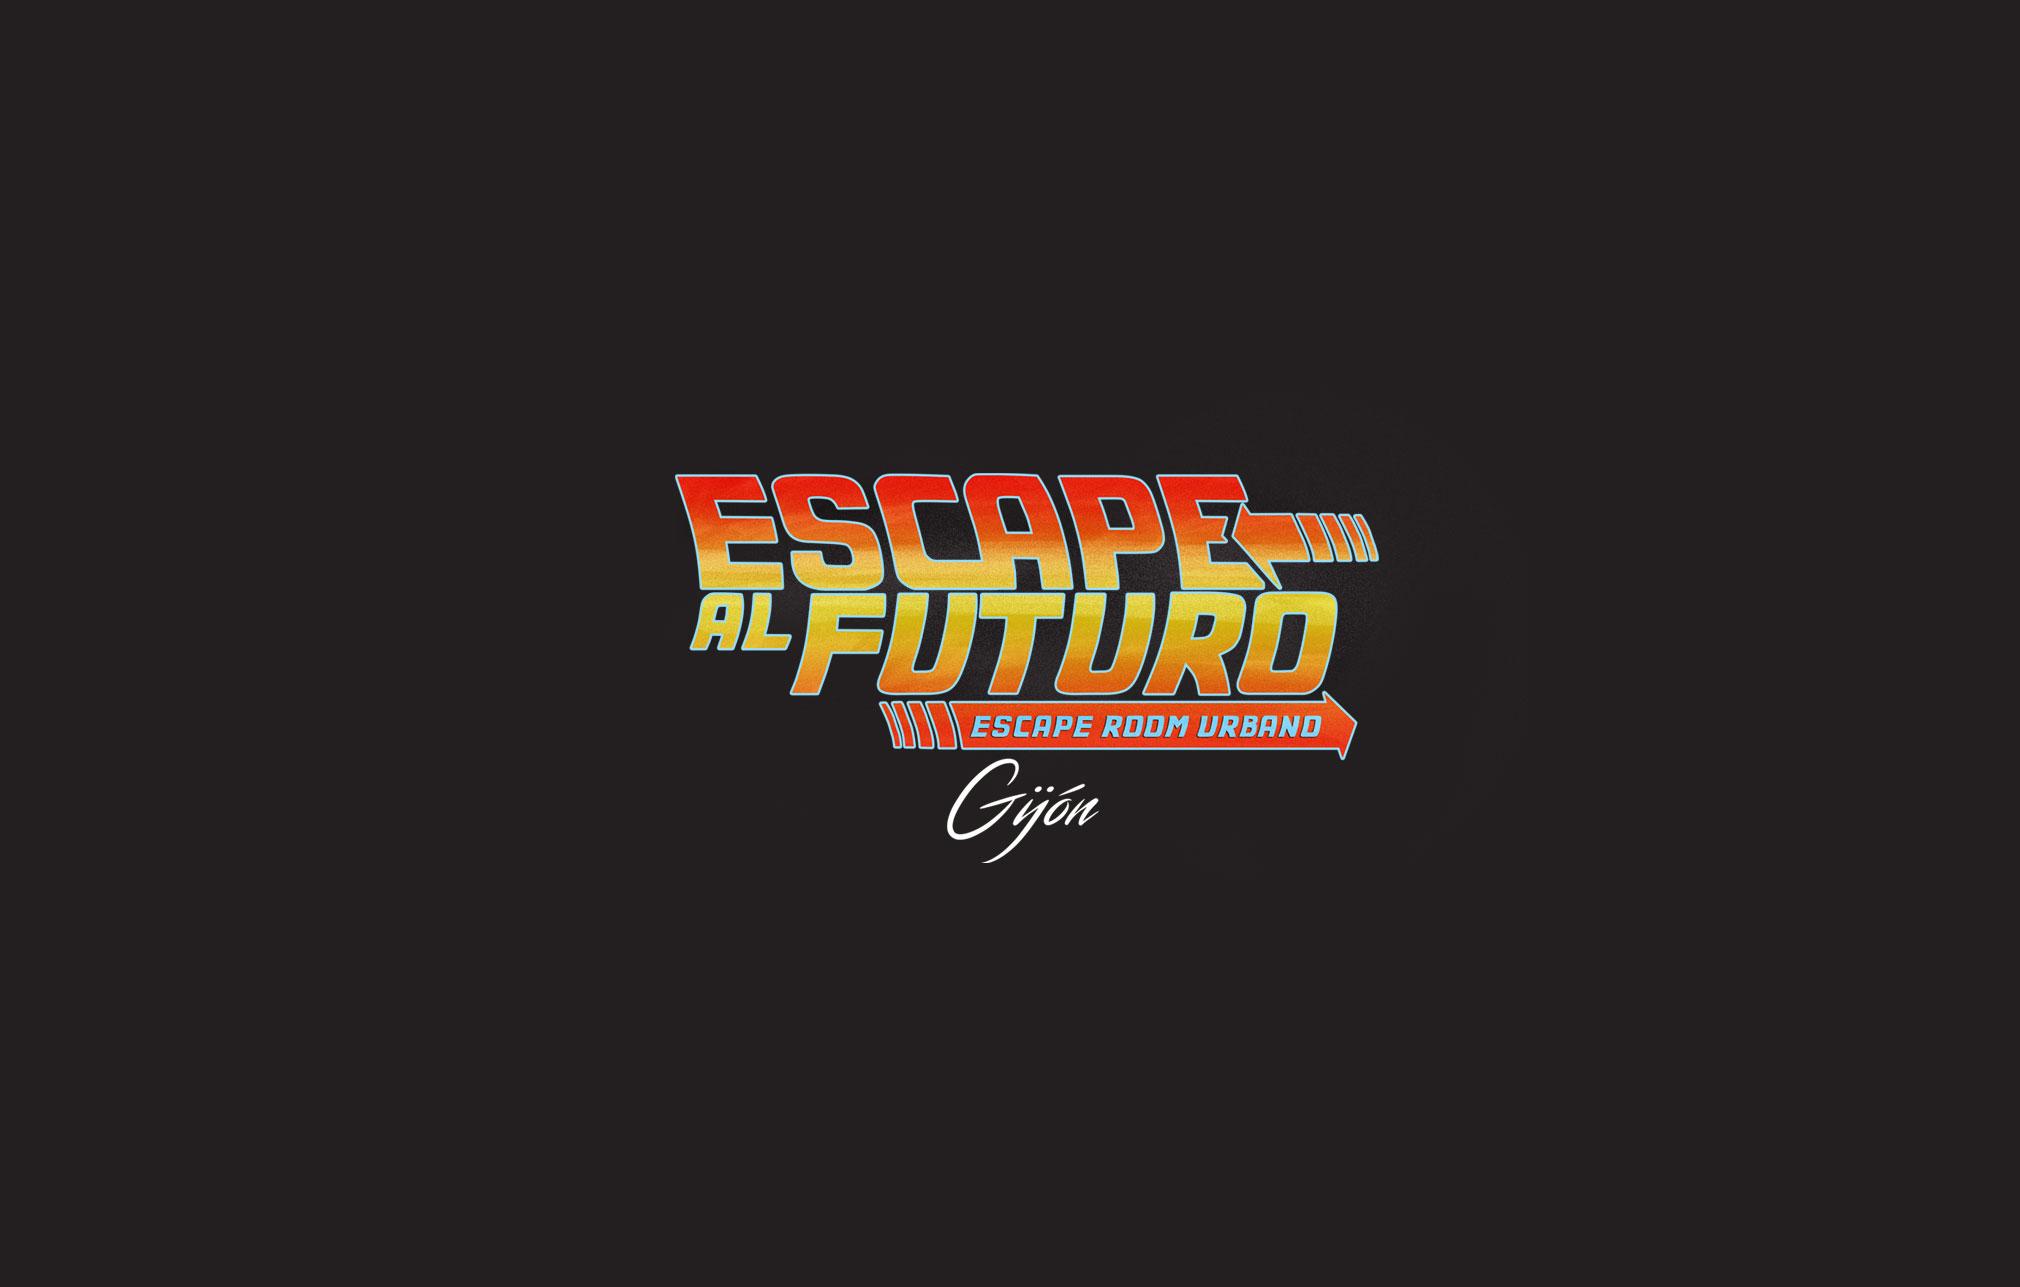 Escape al futuro